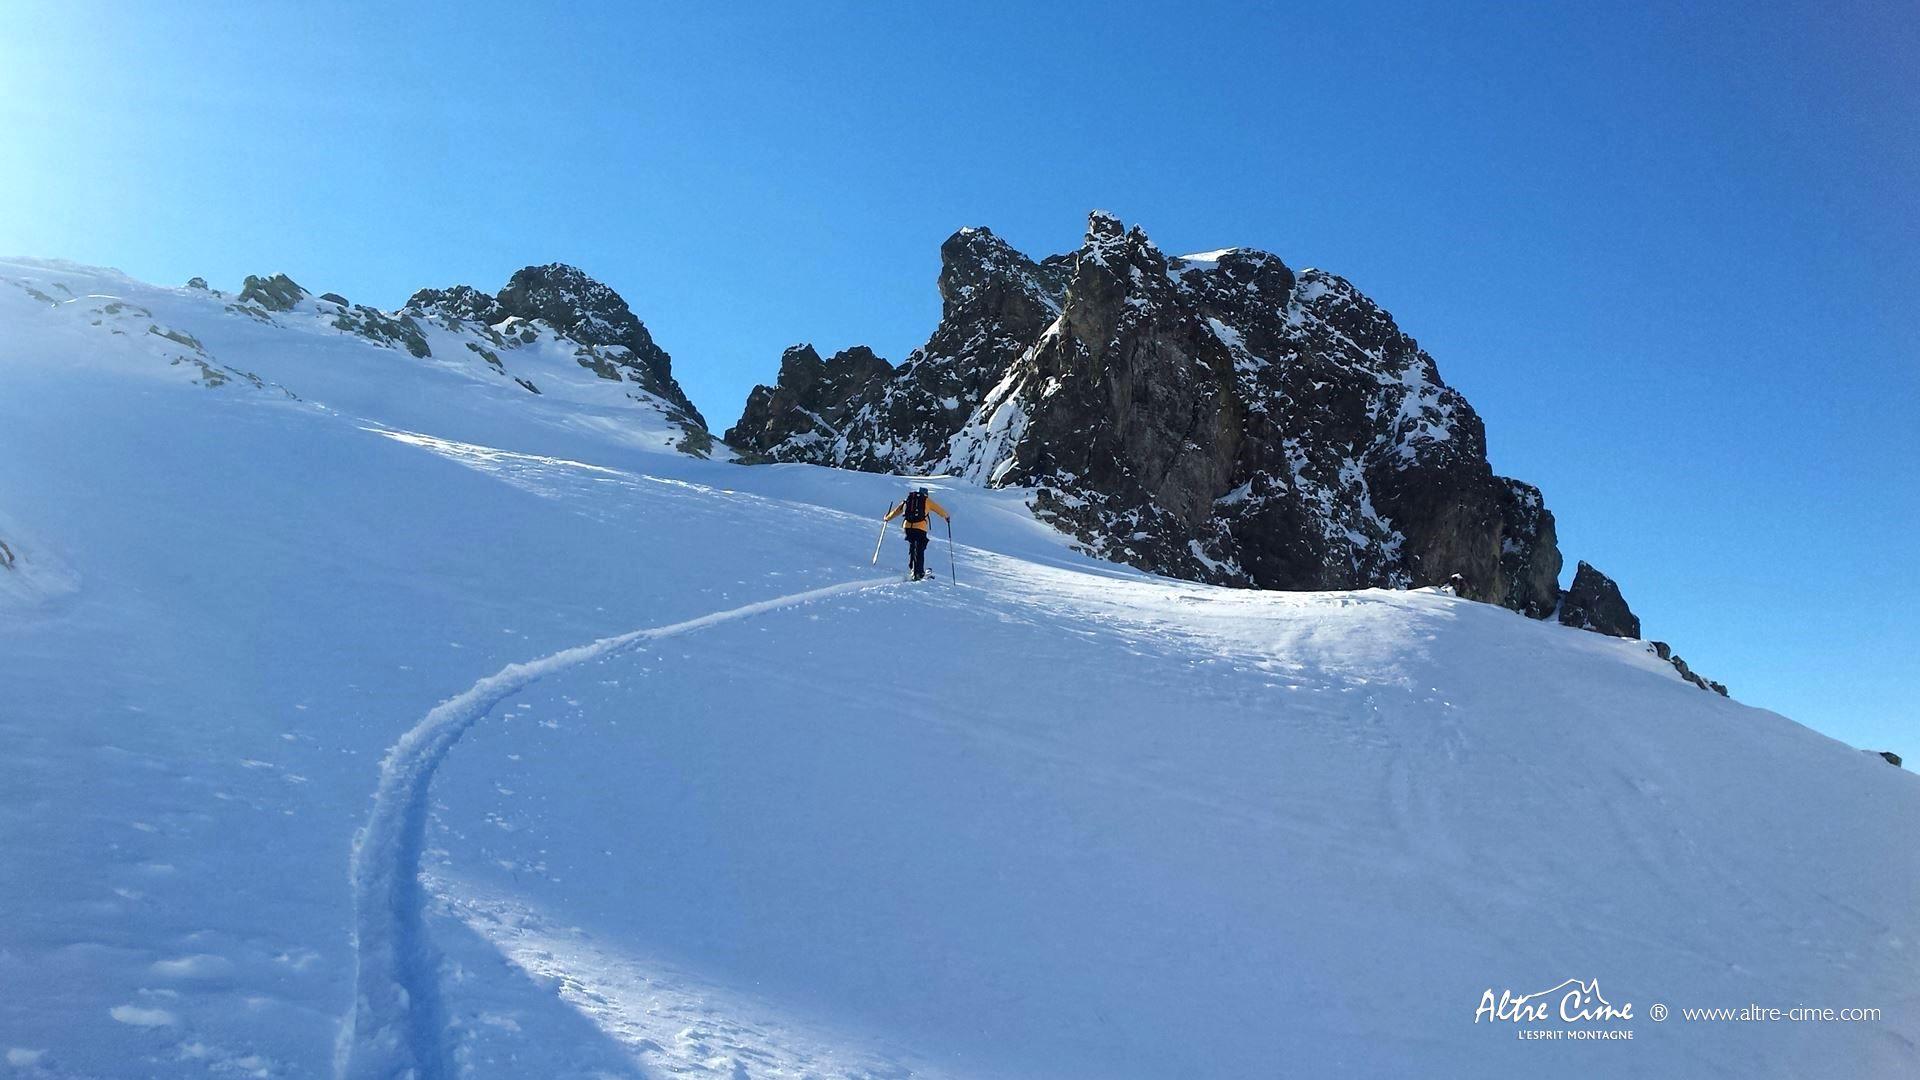 [Ski de randonnée - Belledonne] Météo parfaite dans Belledonne !